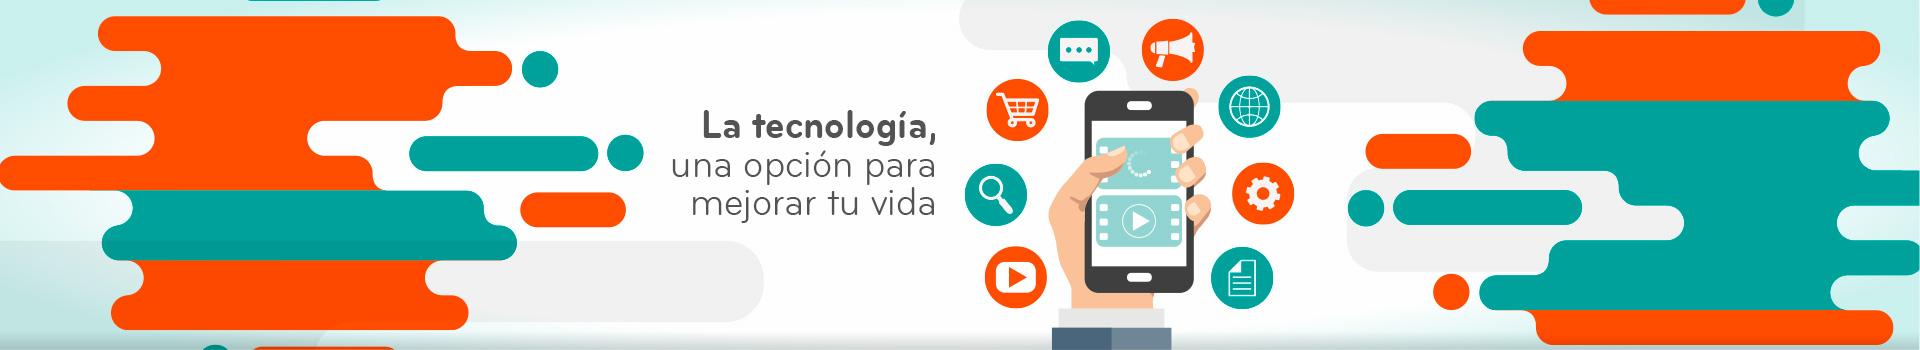 La tecnología, una opción para mejorar tu vida.